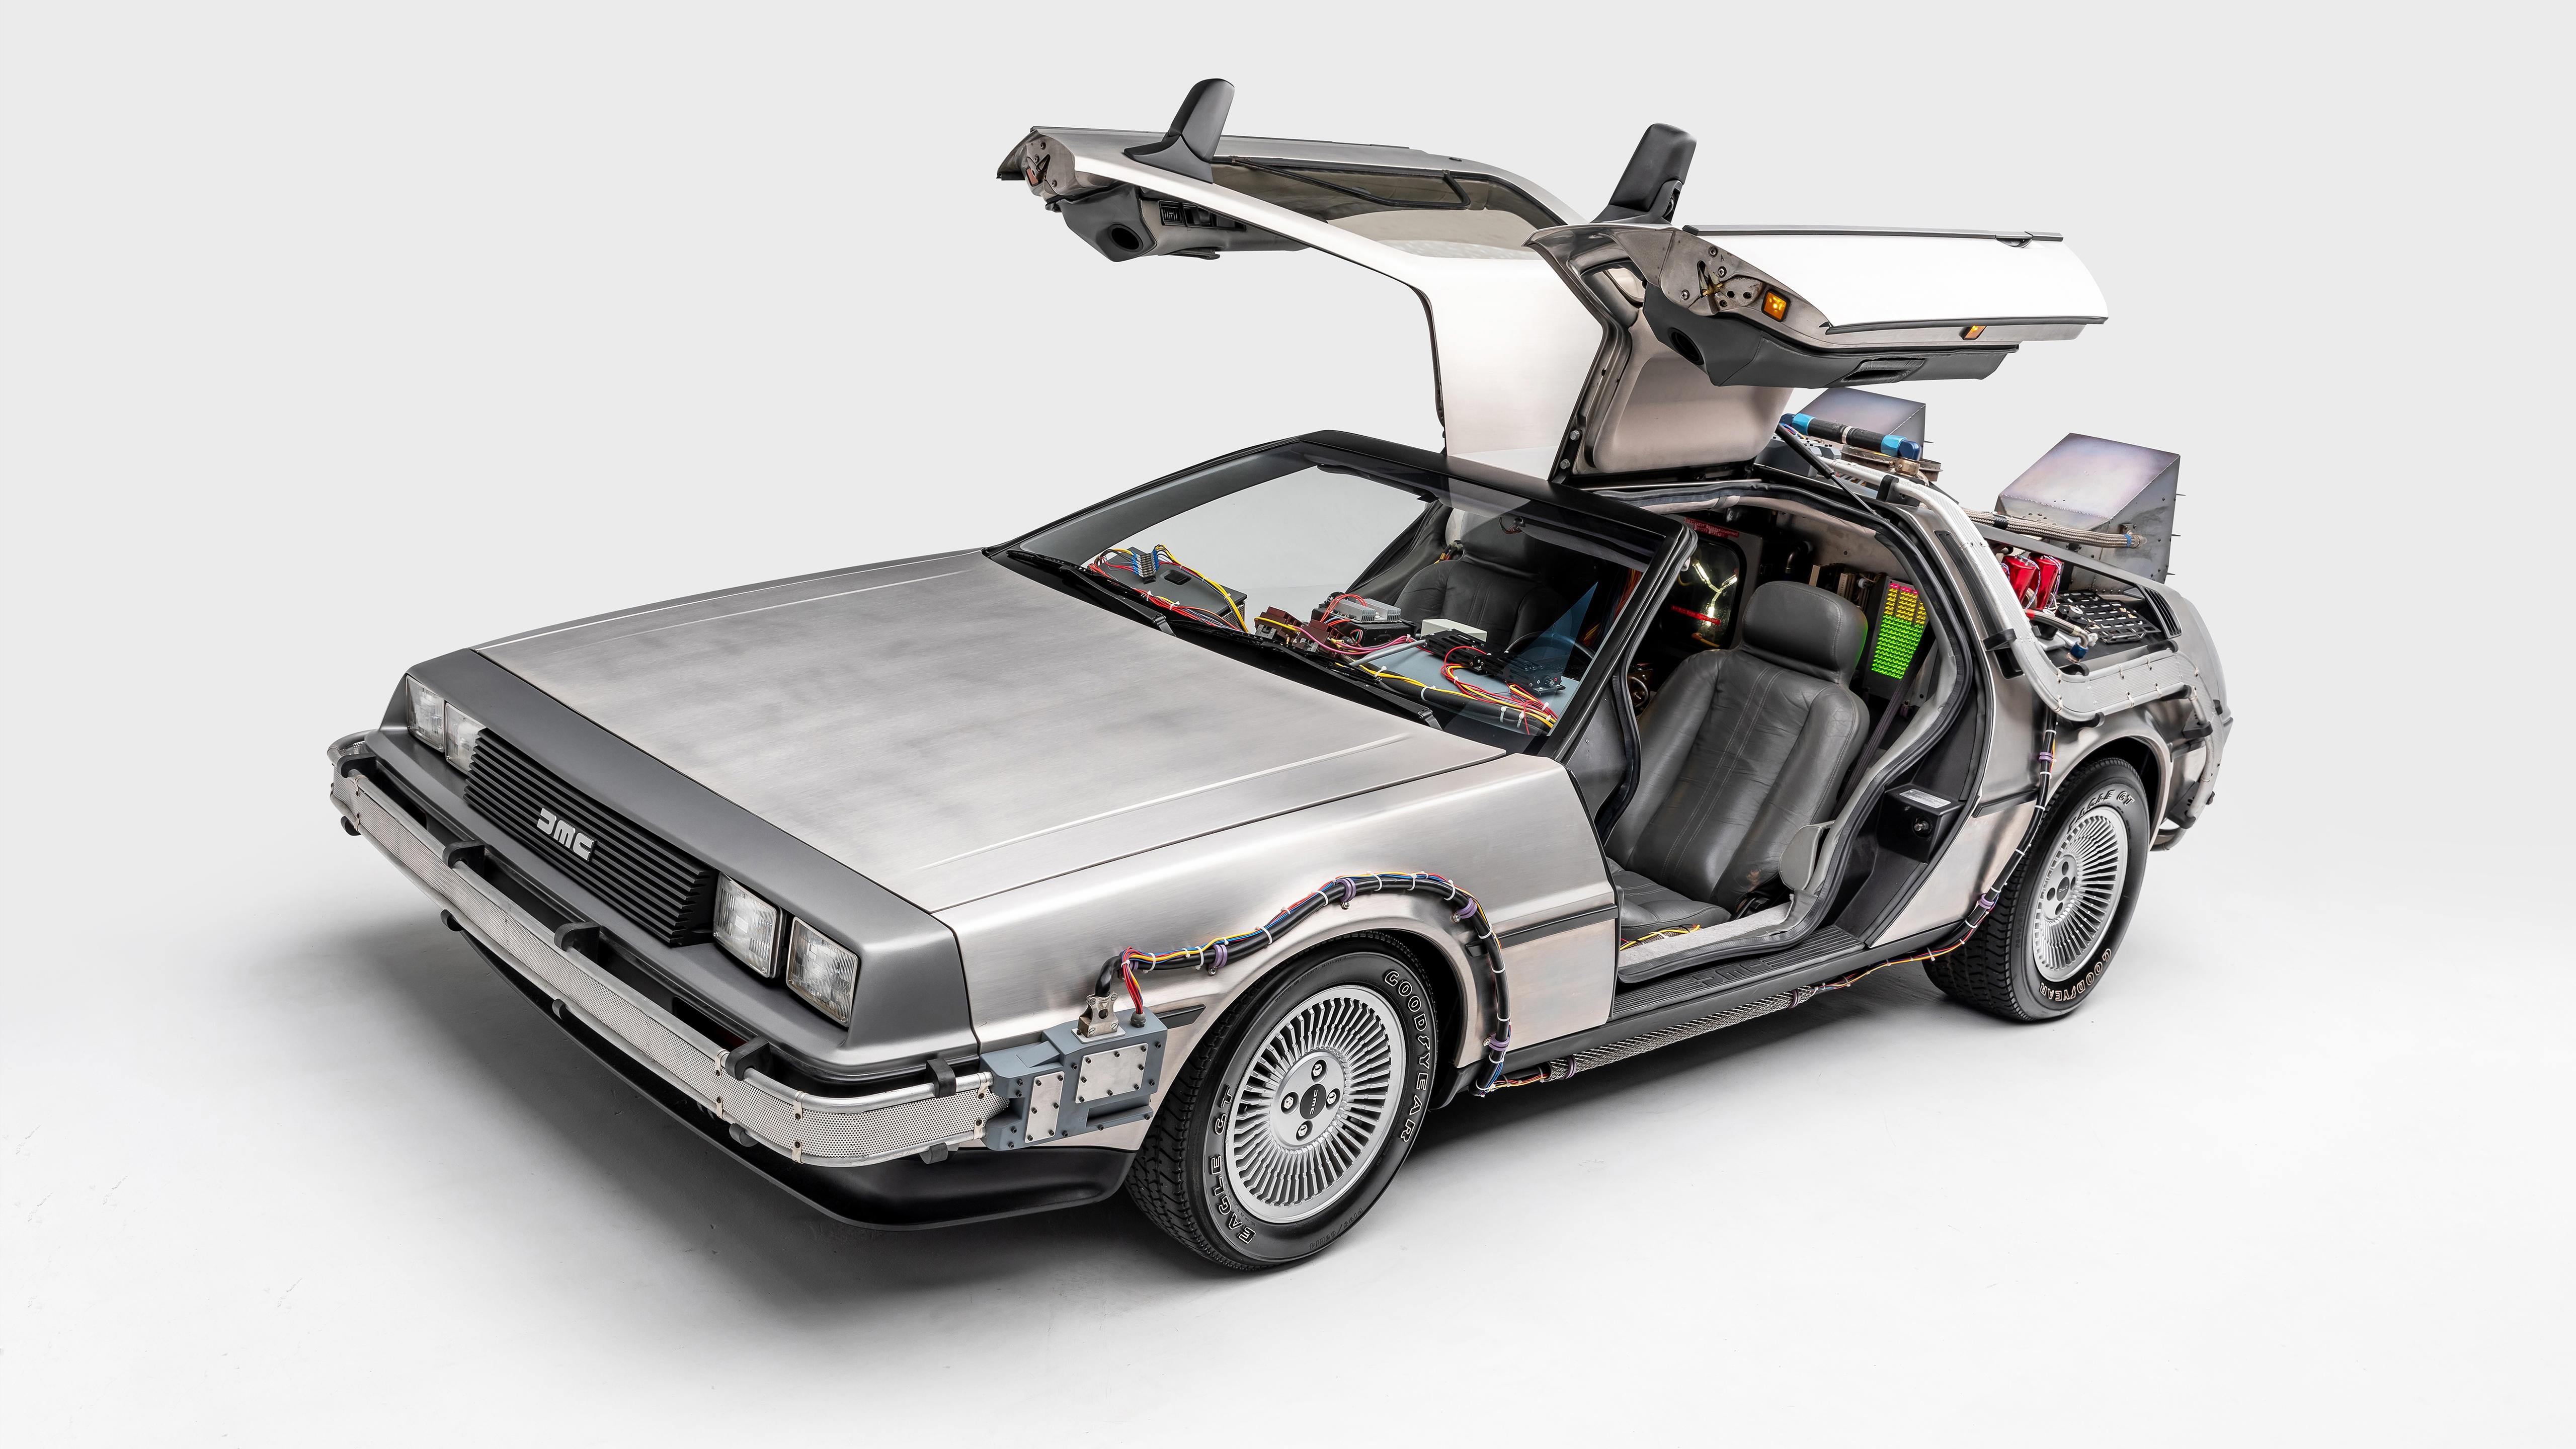 Delorean Dmc 12 Back To The Future 4k 2 Wallpaper Hd Car